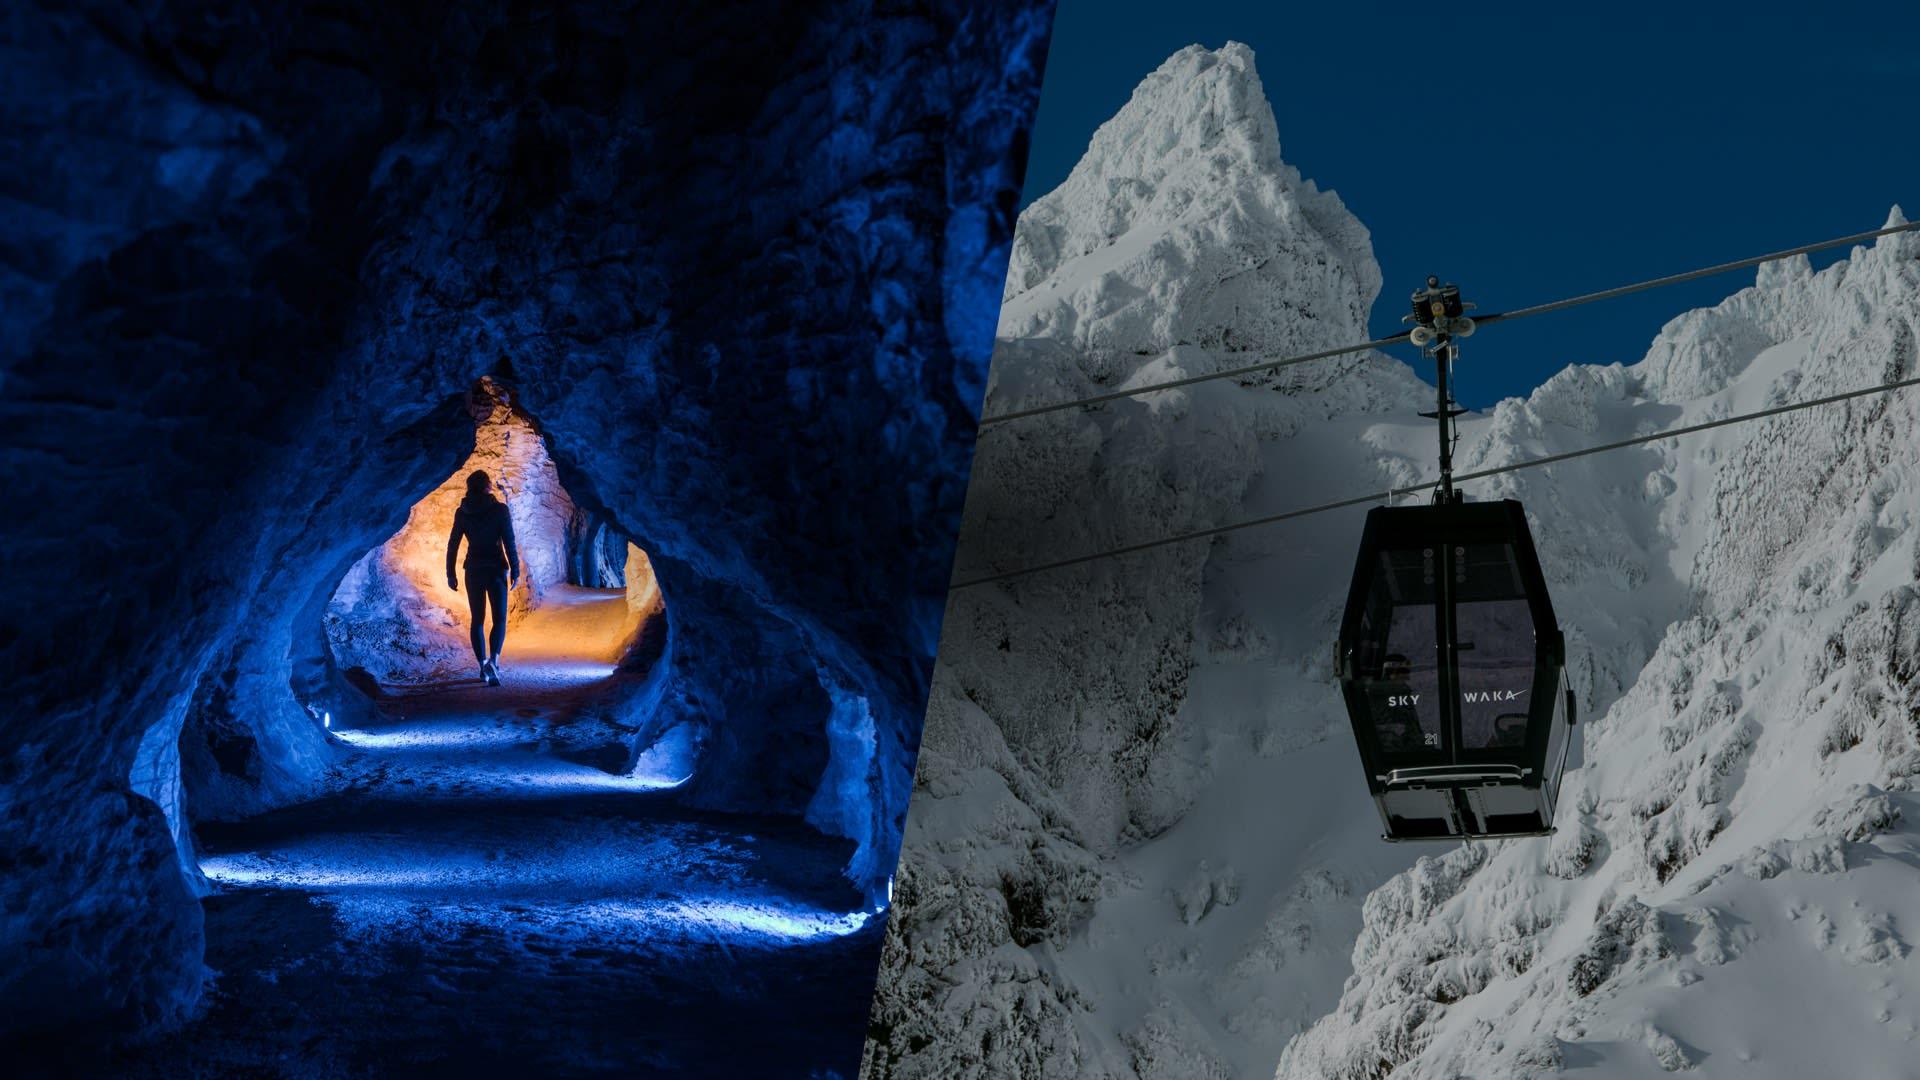 Sky Waka + NZ's two most popular glowworm caves